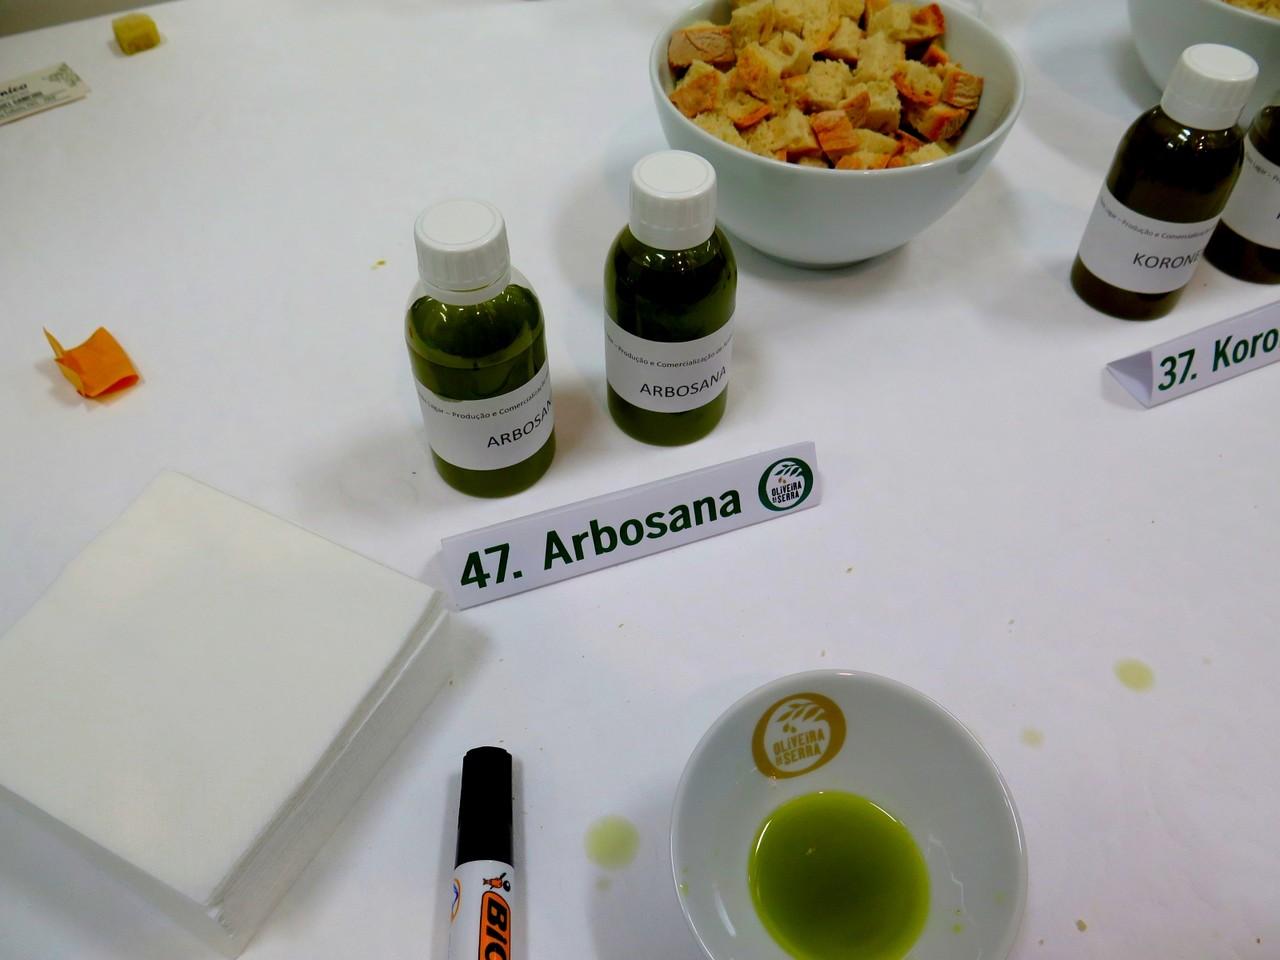 Amostra da variedade Arbosana